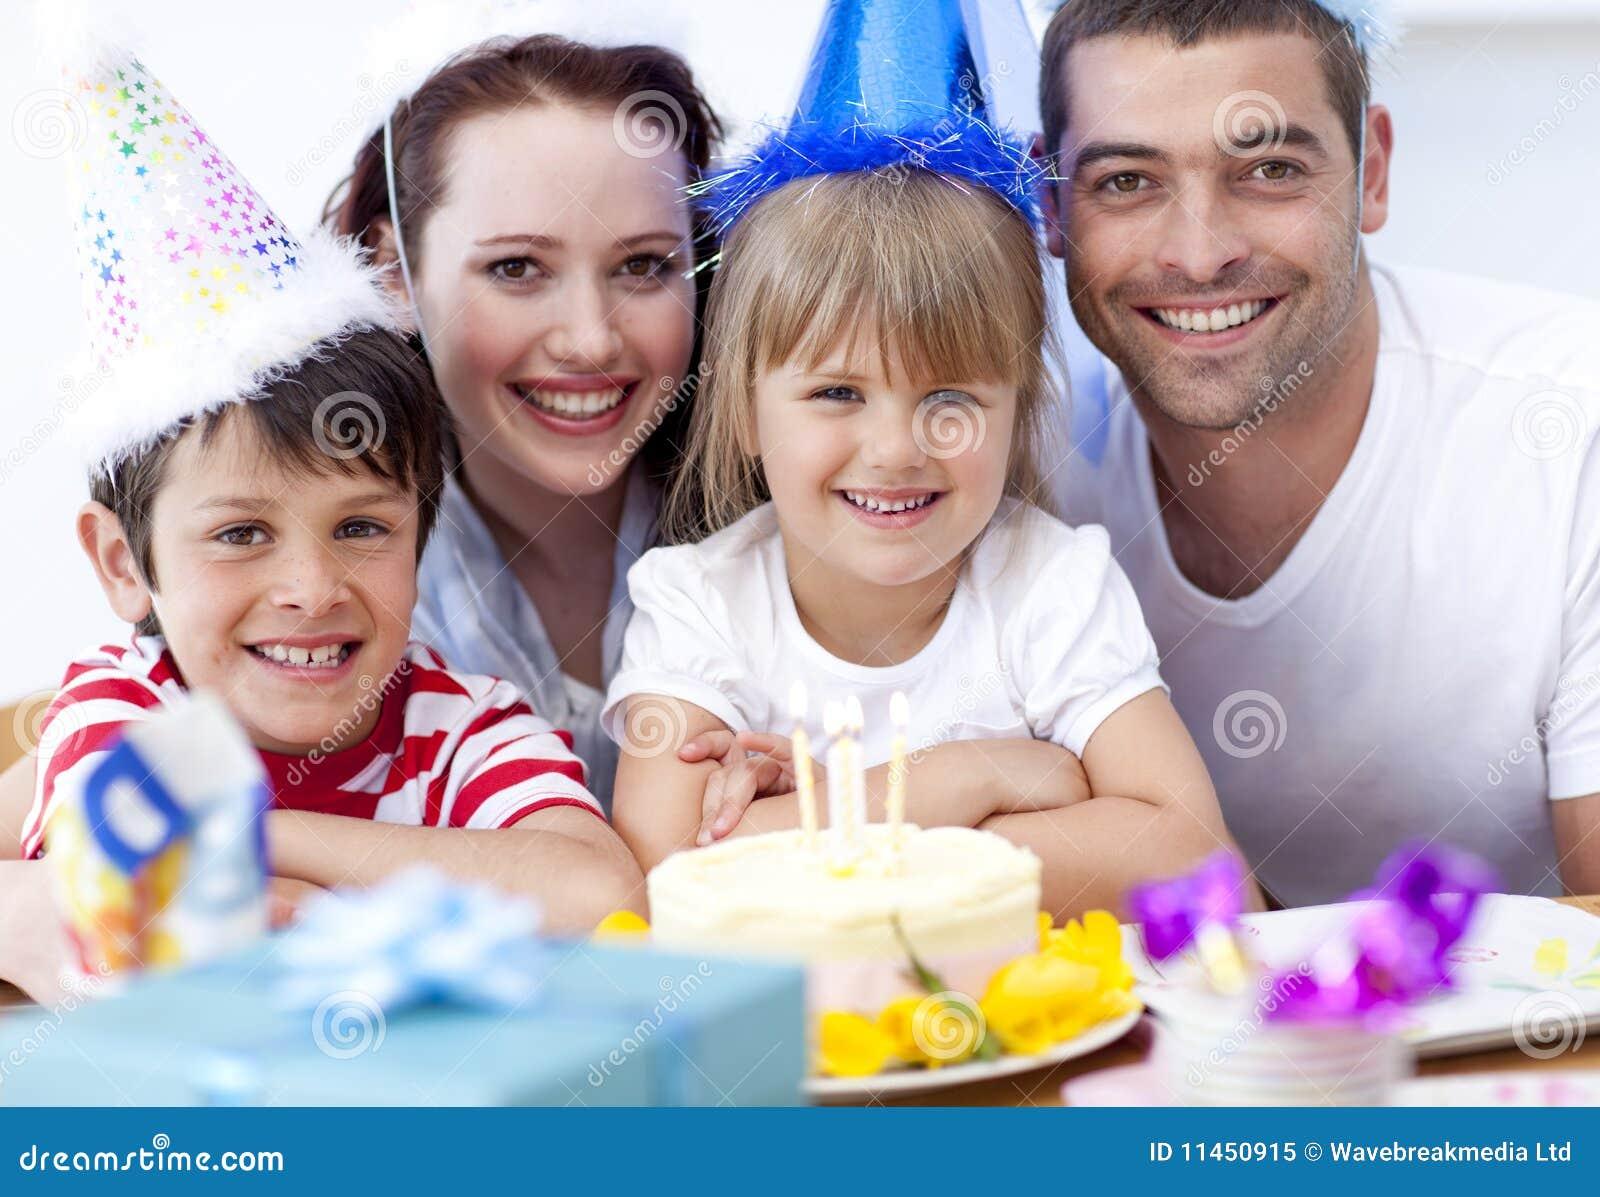 Lächelnde Familie, die einen Geburtstag feiert